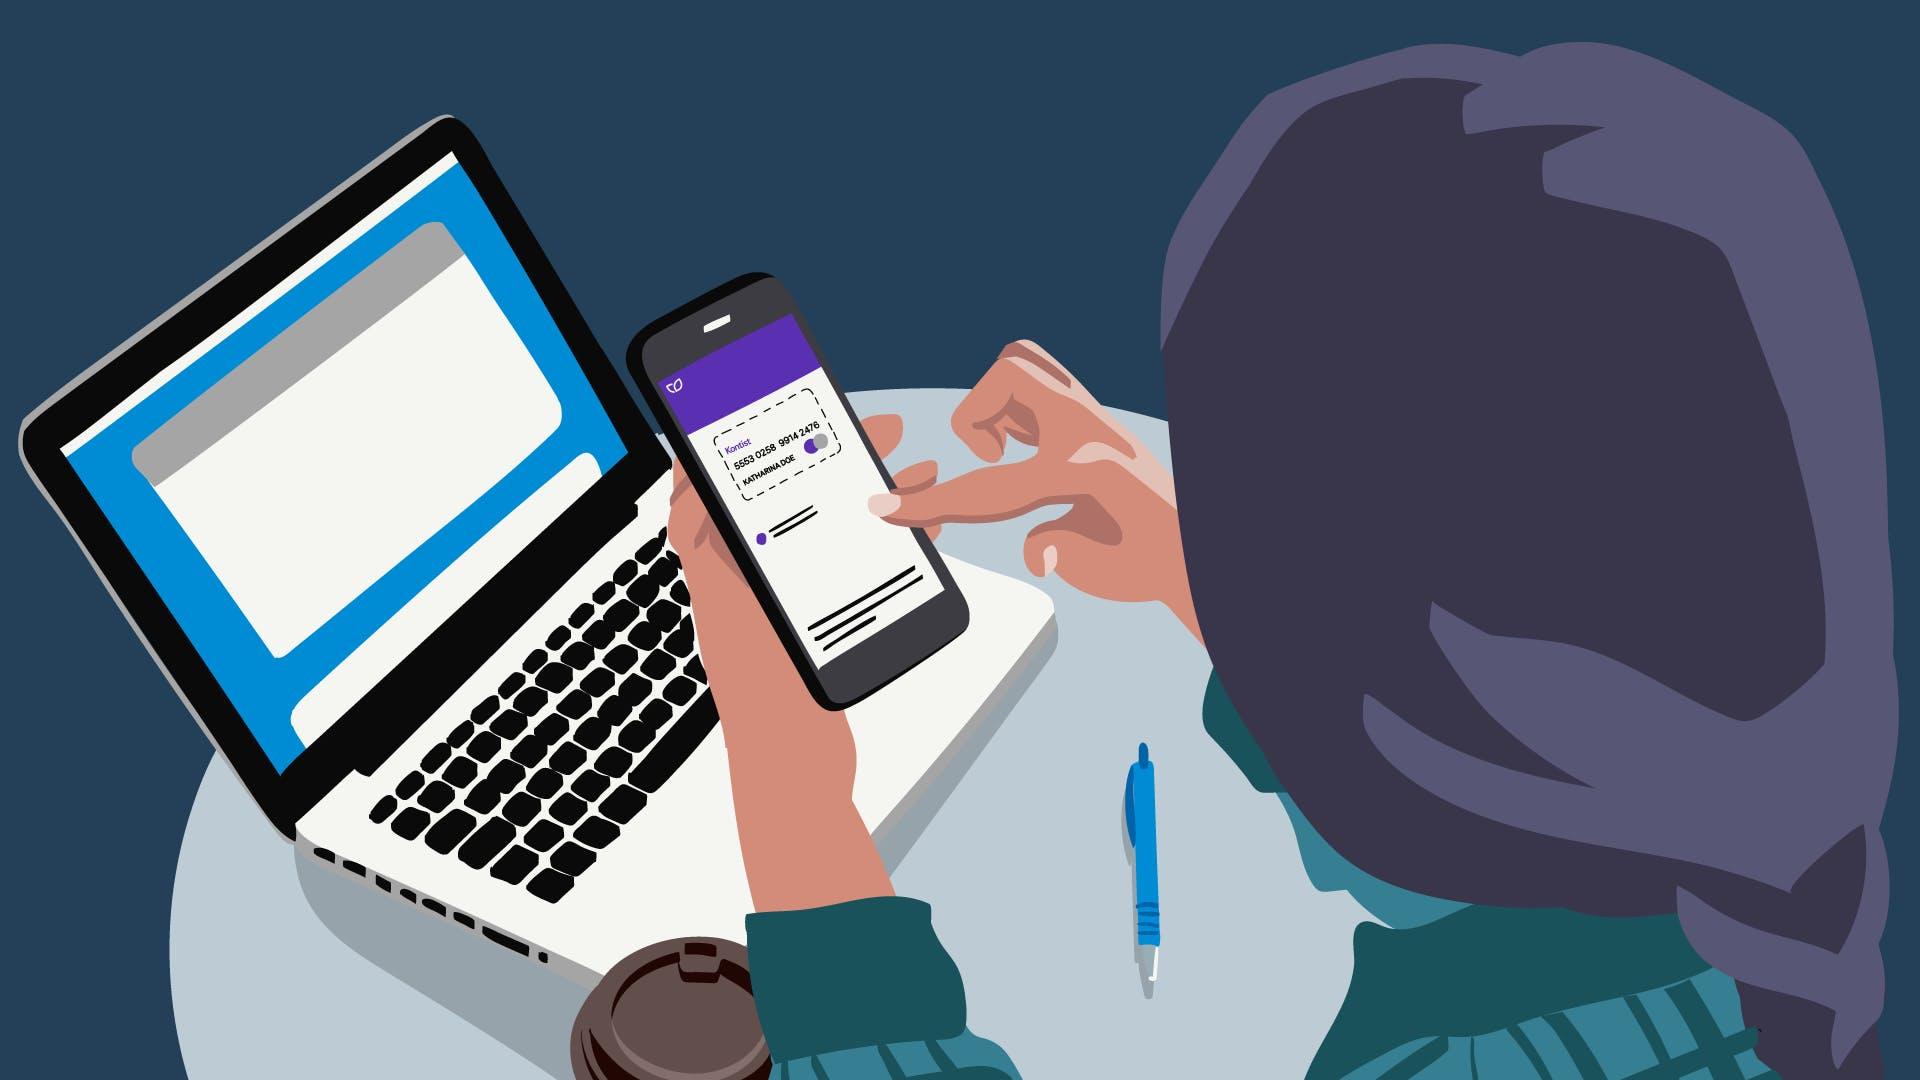 Frau mit Smartphone in der Hand, nutzt die Kontist App - das digitale Geschäftskonto für Selbständige.